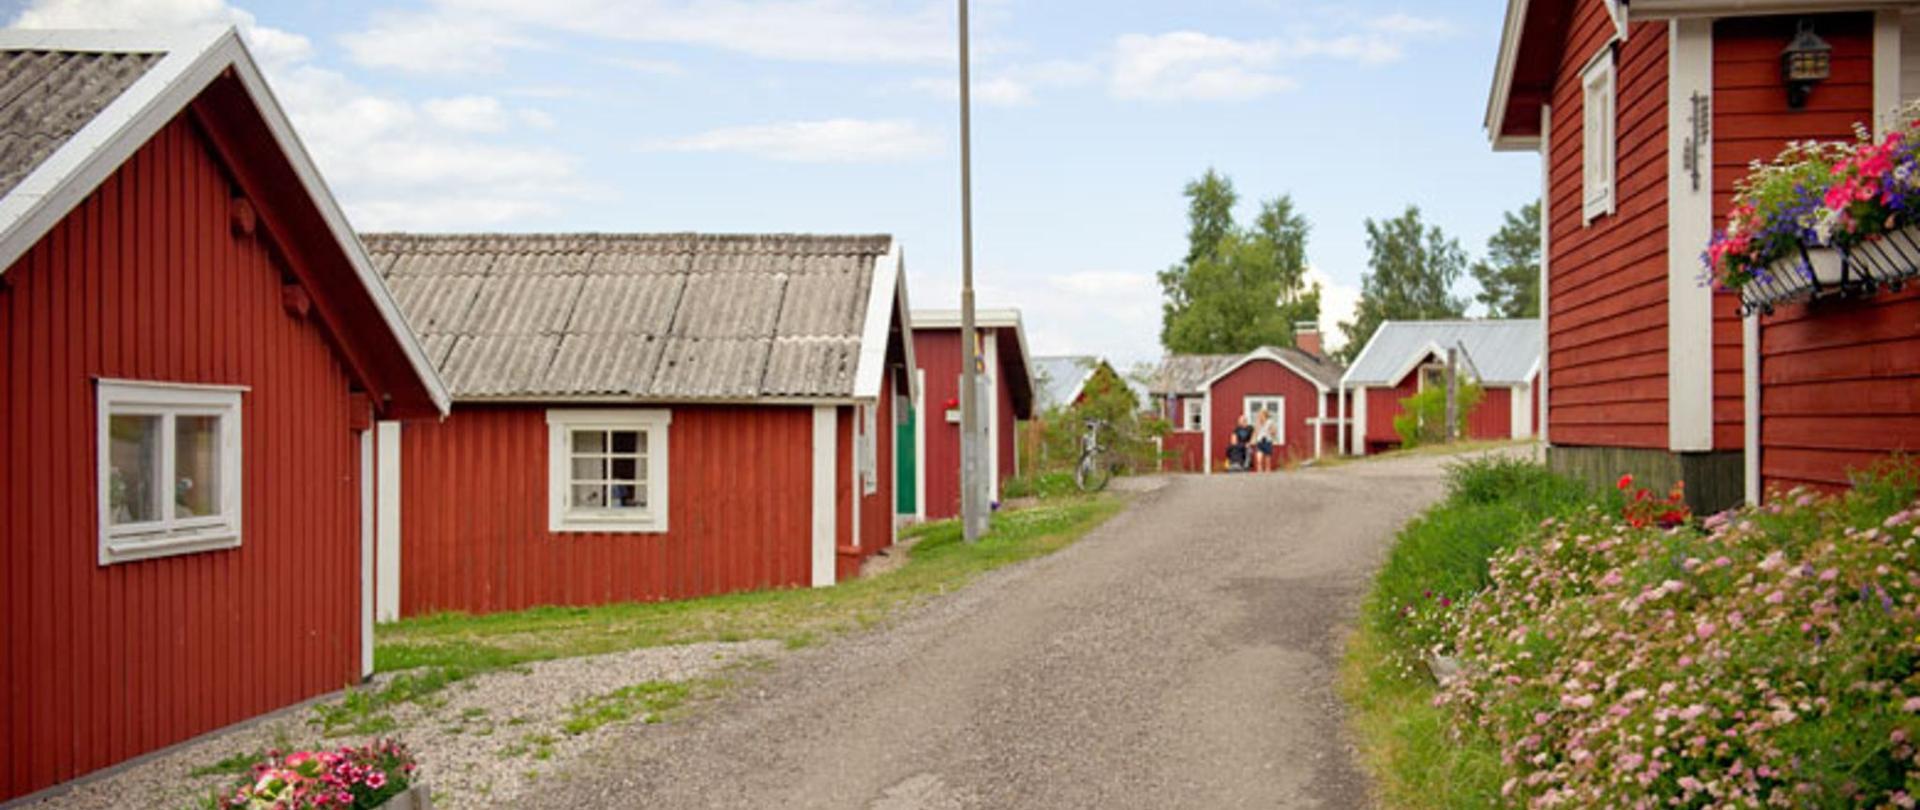 Alno-Sundsvall-3.jpg